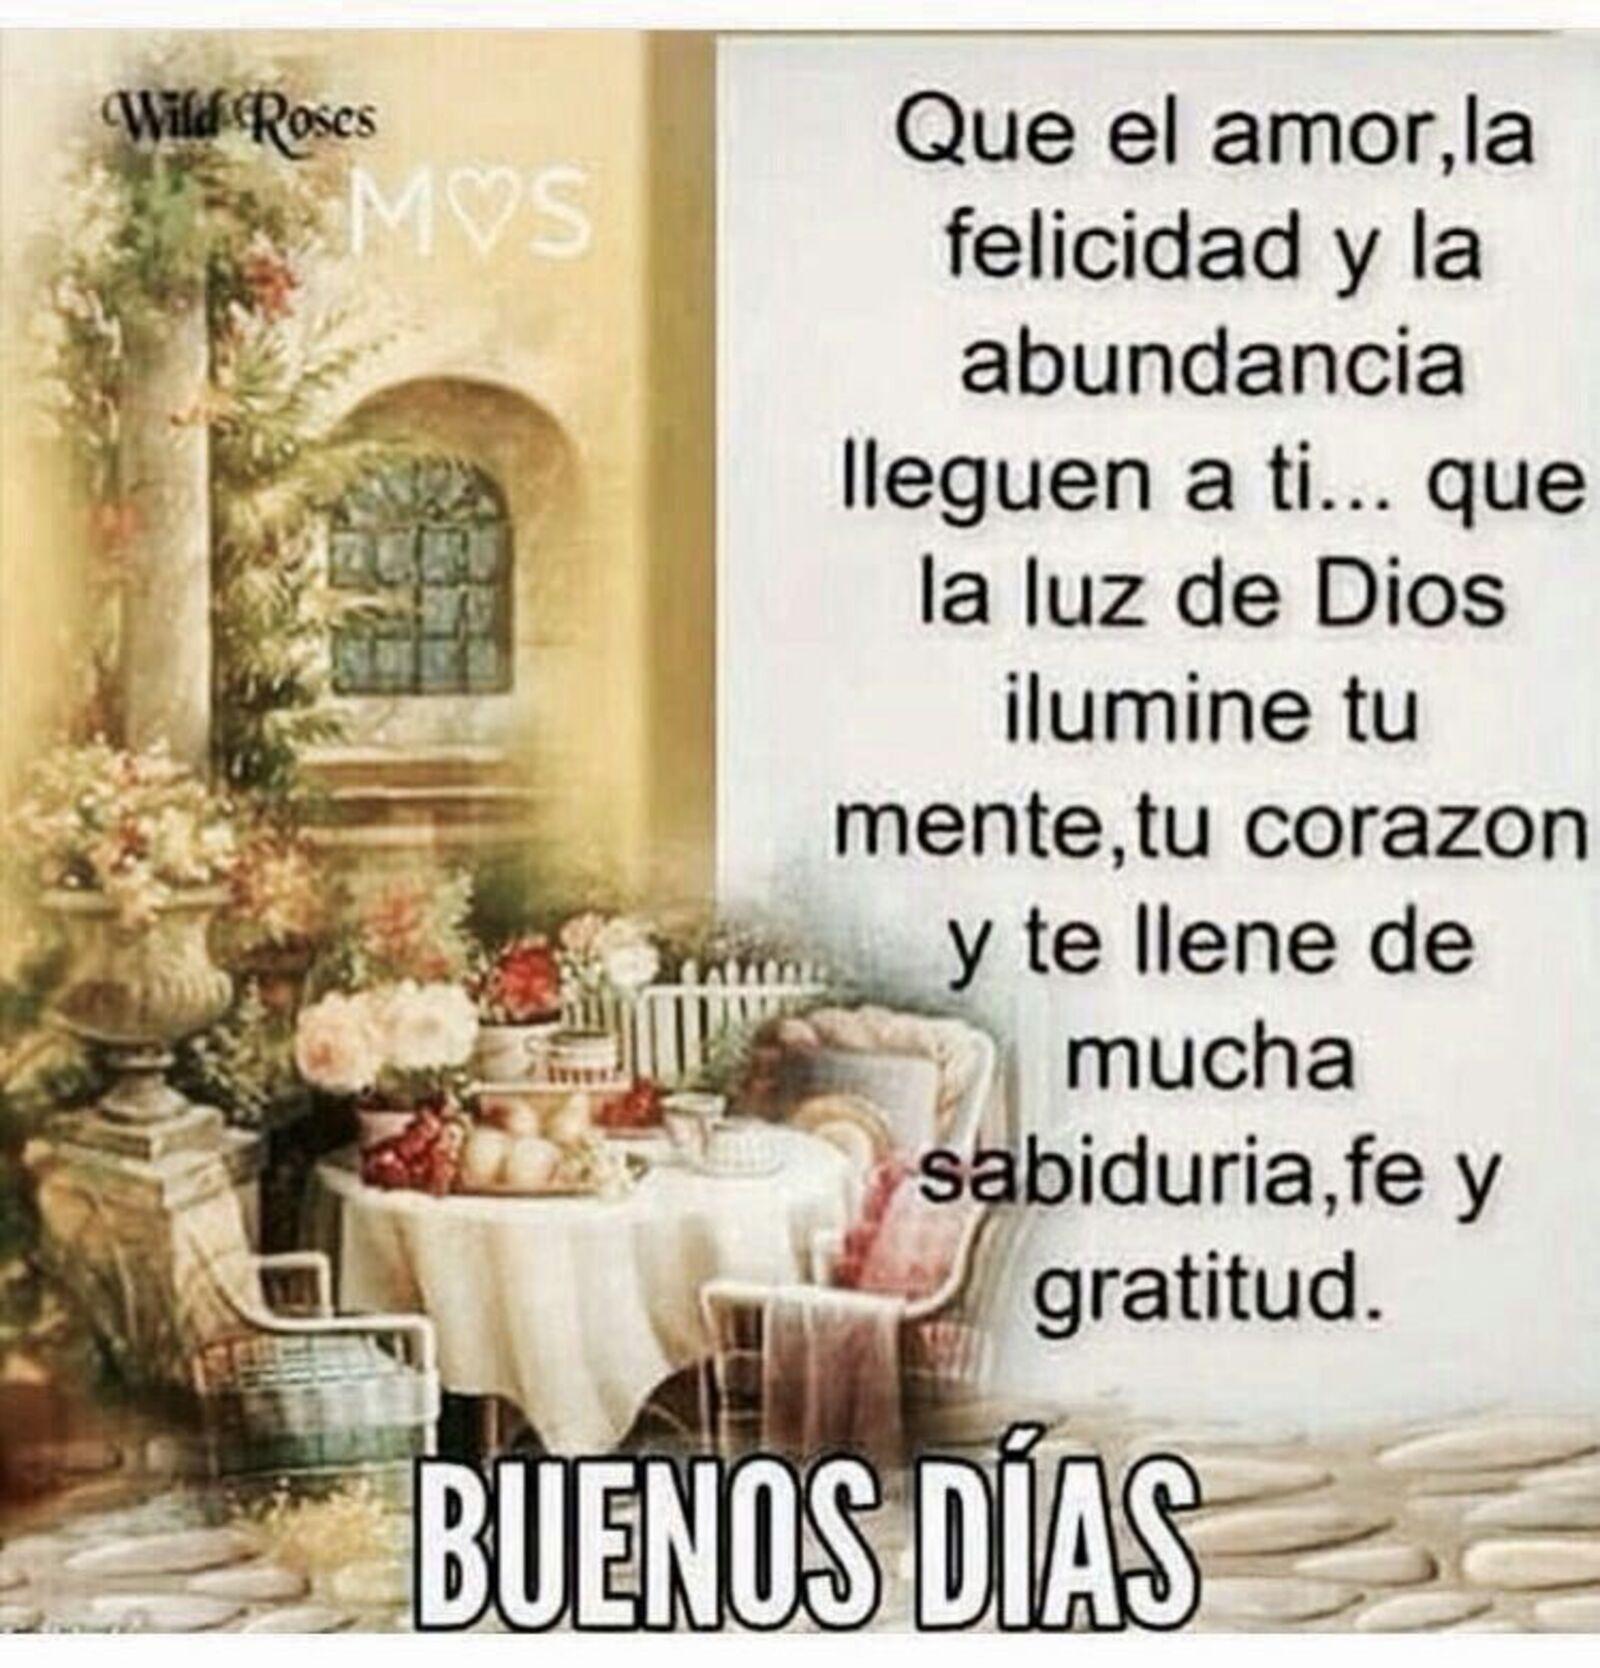 Que el amor, la felicidad y la abundancia llegue a ti...Que la luz de Dios ilumine tu mente, tu corazón y te llene de mucha sabiduria, fe y gratitud. Buenos días